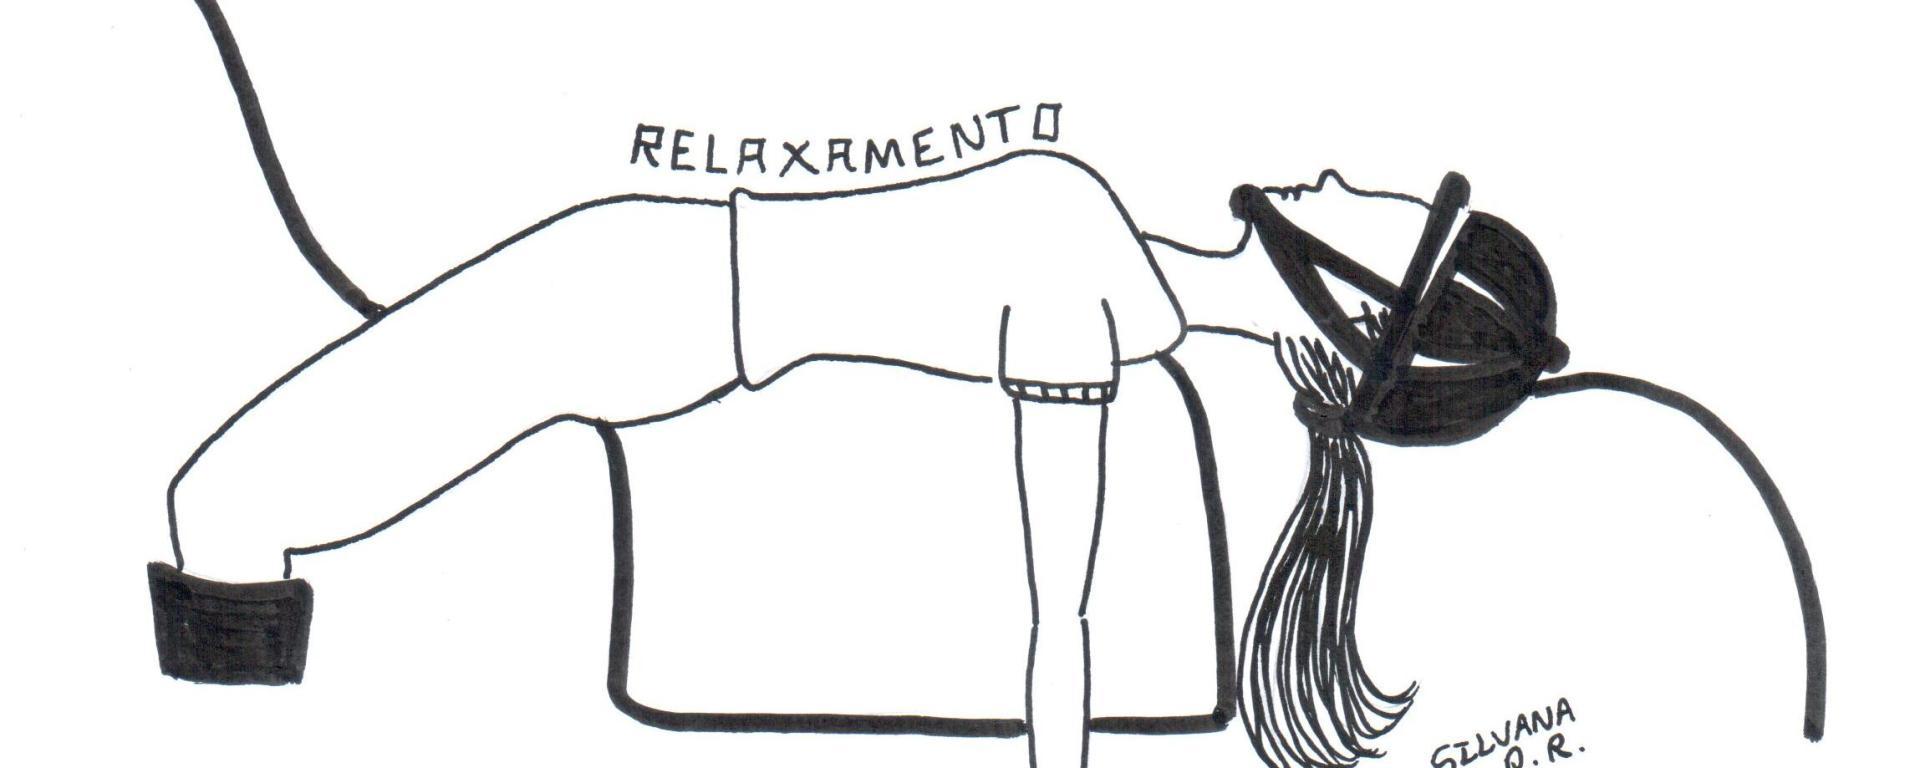 Desenho de uma menina montada no cavalo realizando o movimento de deitar em cima do cavalo para relaxar durante a sessão de equoterapia.